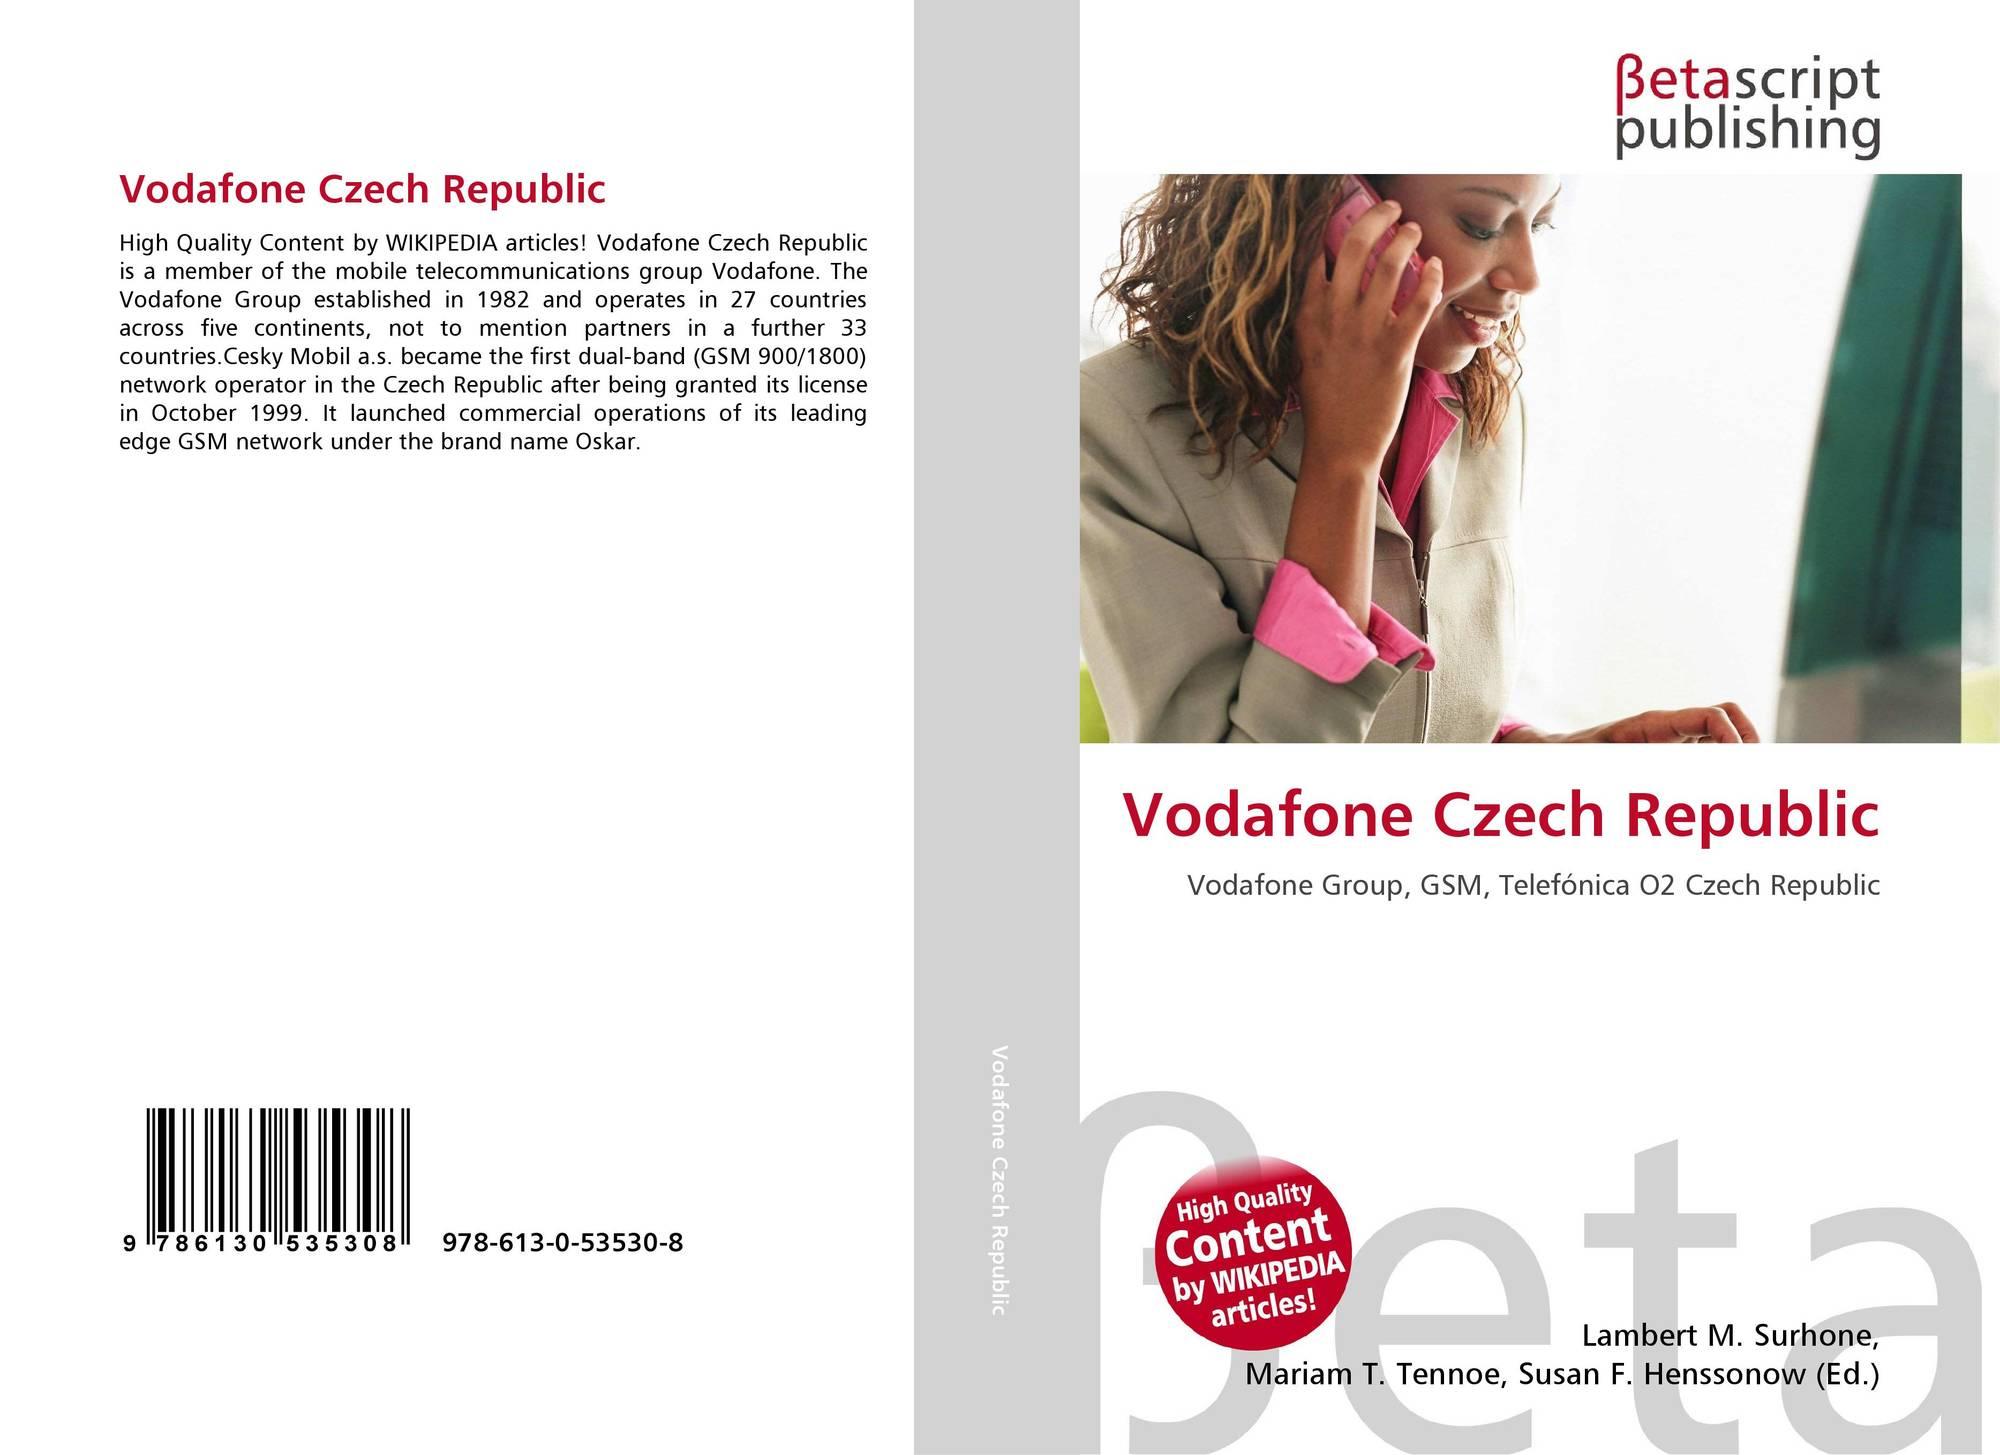 Vodafone Czech Republic, 978-613-0-53530-8, 6130535309 ,9786130535308